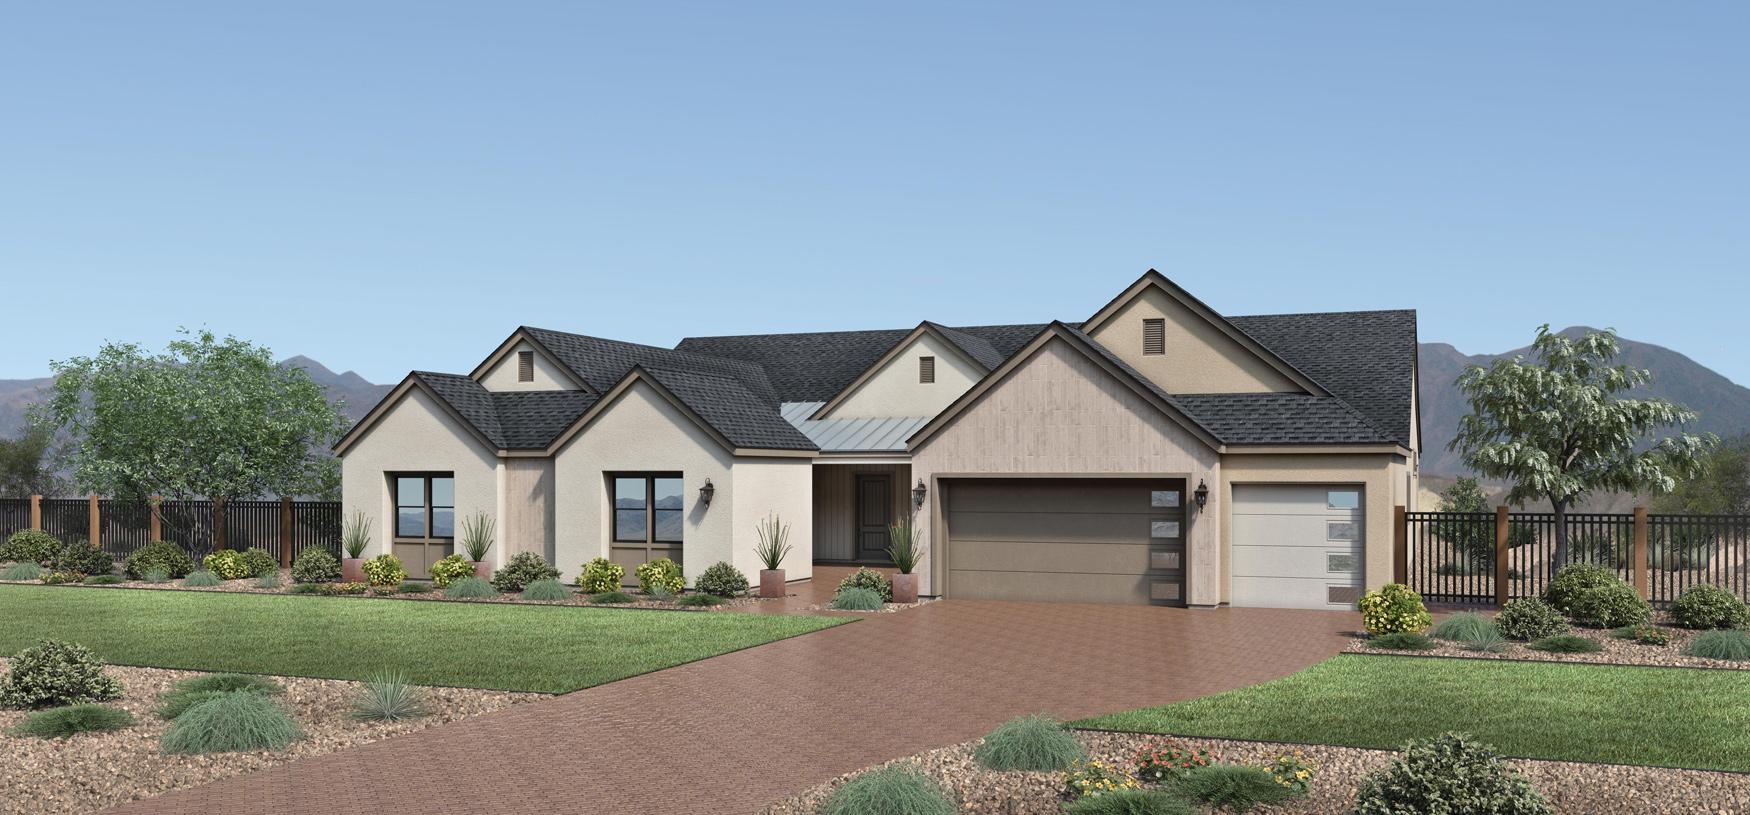 Stratford -  Modern Ranch